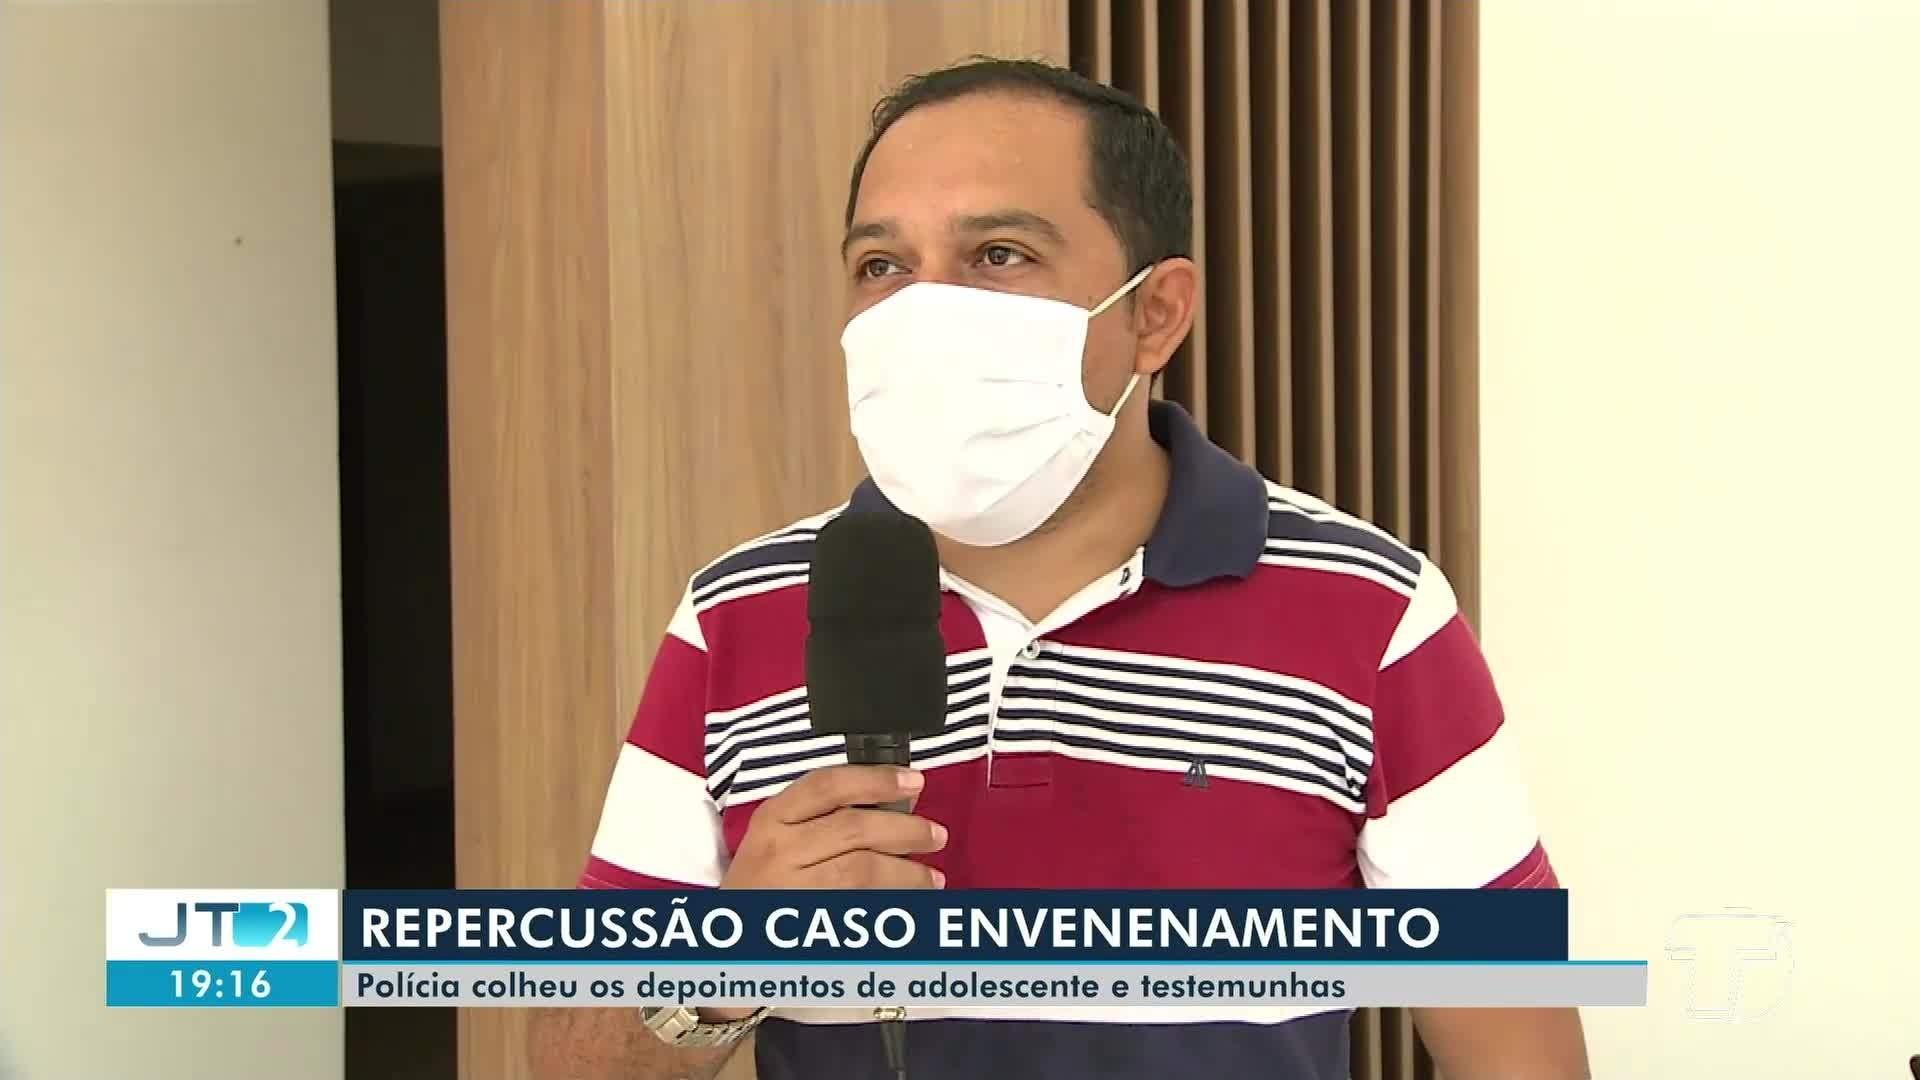 VÍDEOS: Jornal Tapajós 2ª Edição de terça-feira, 12 de maio